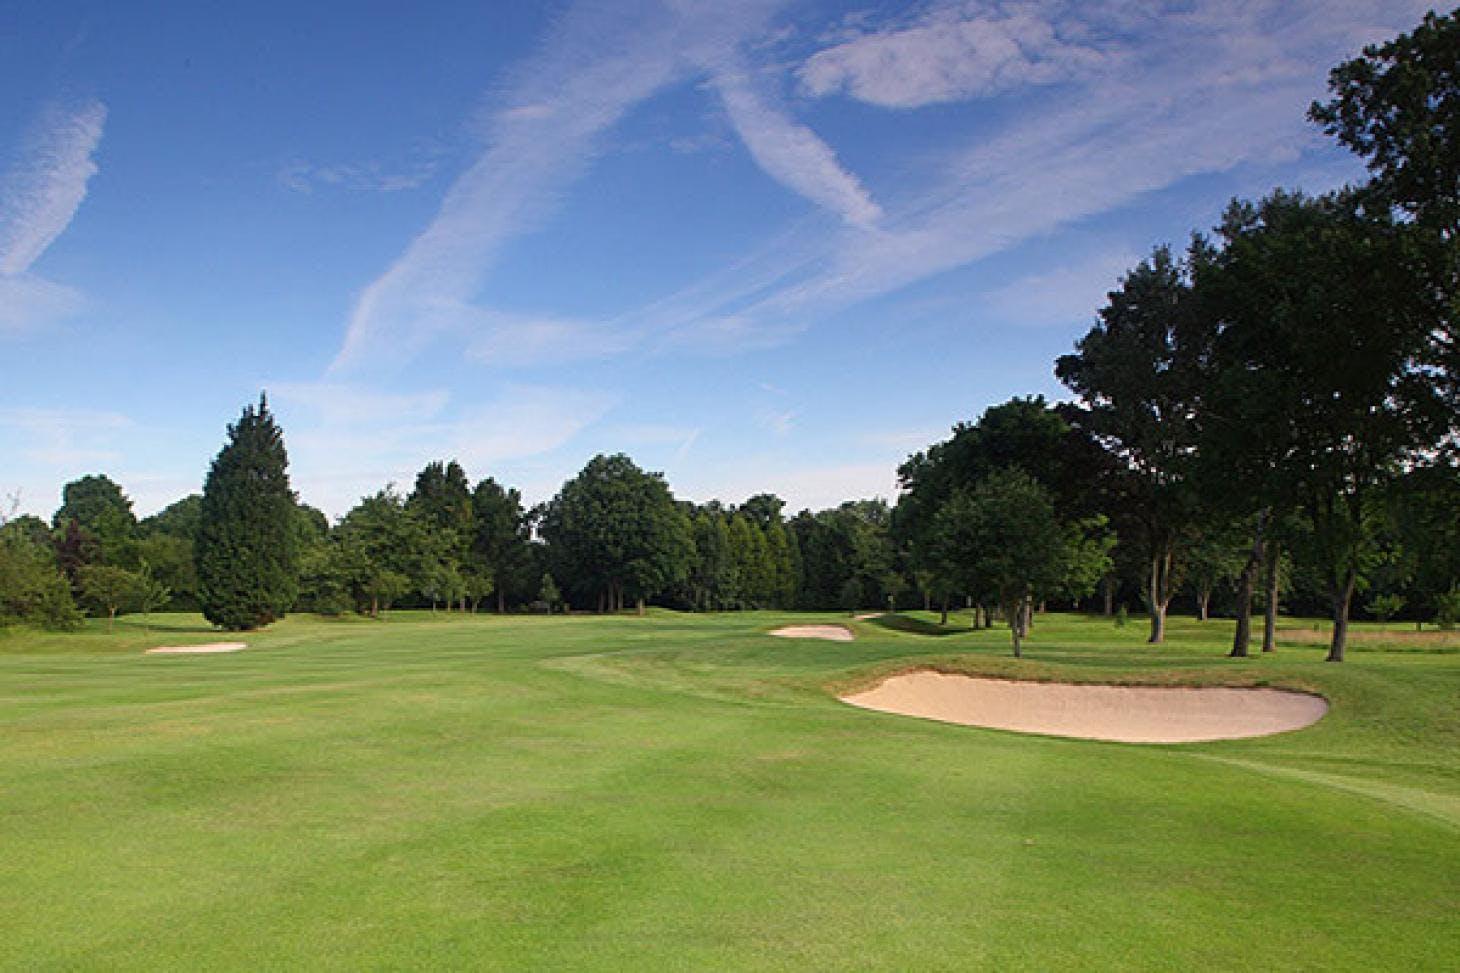 Cuddington Golf Club 18 hole golf course